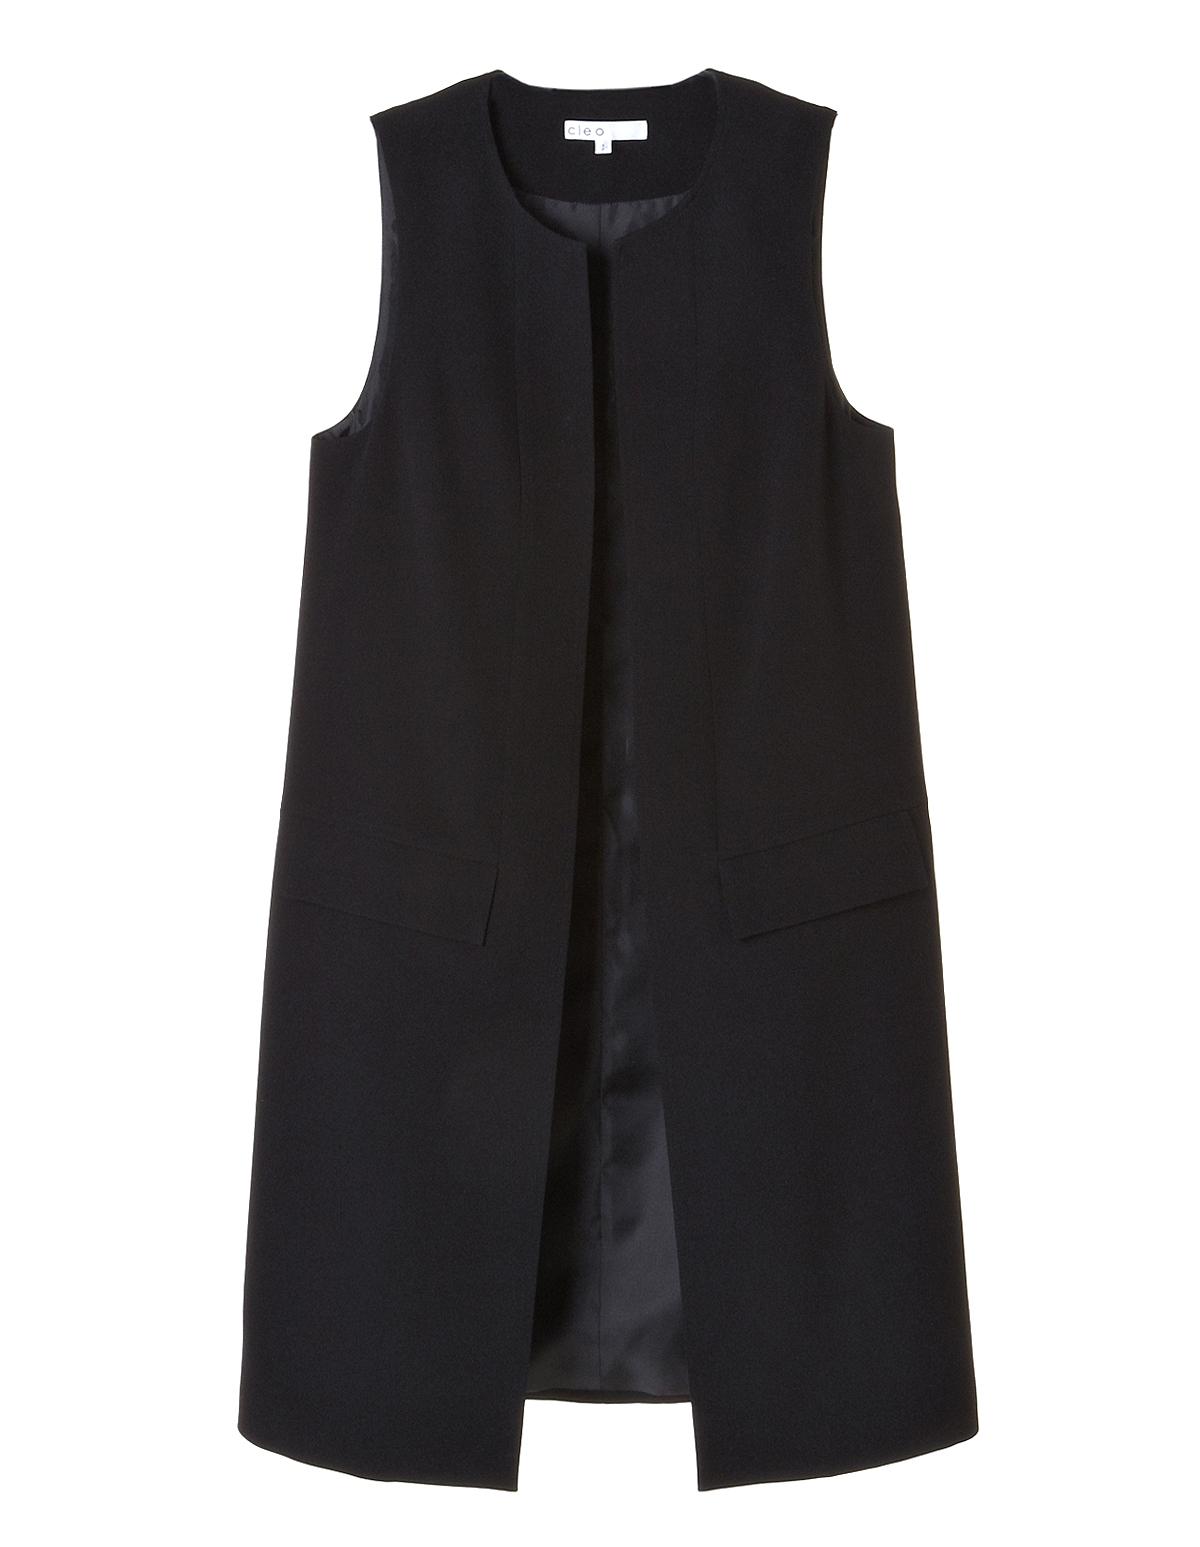 Black sleeveless suit jacket